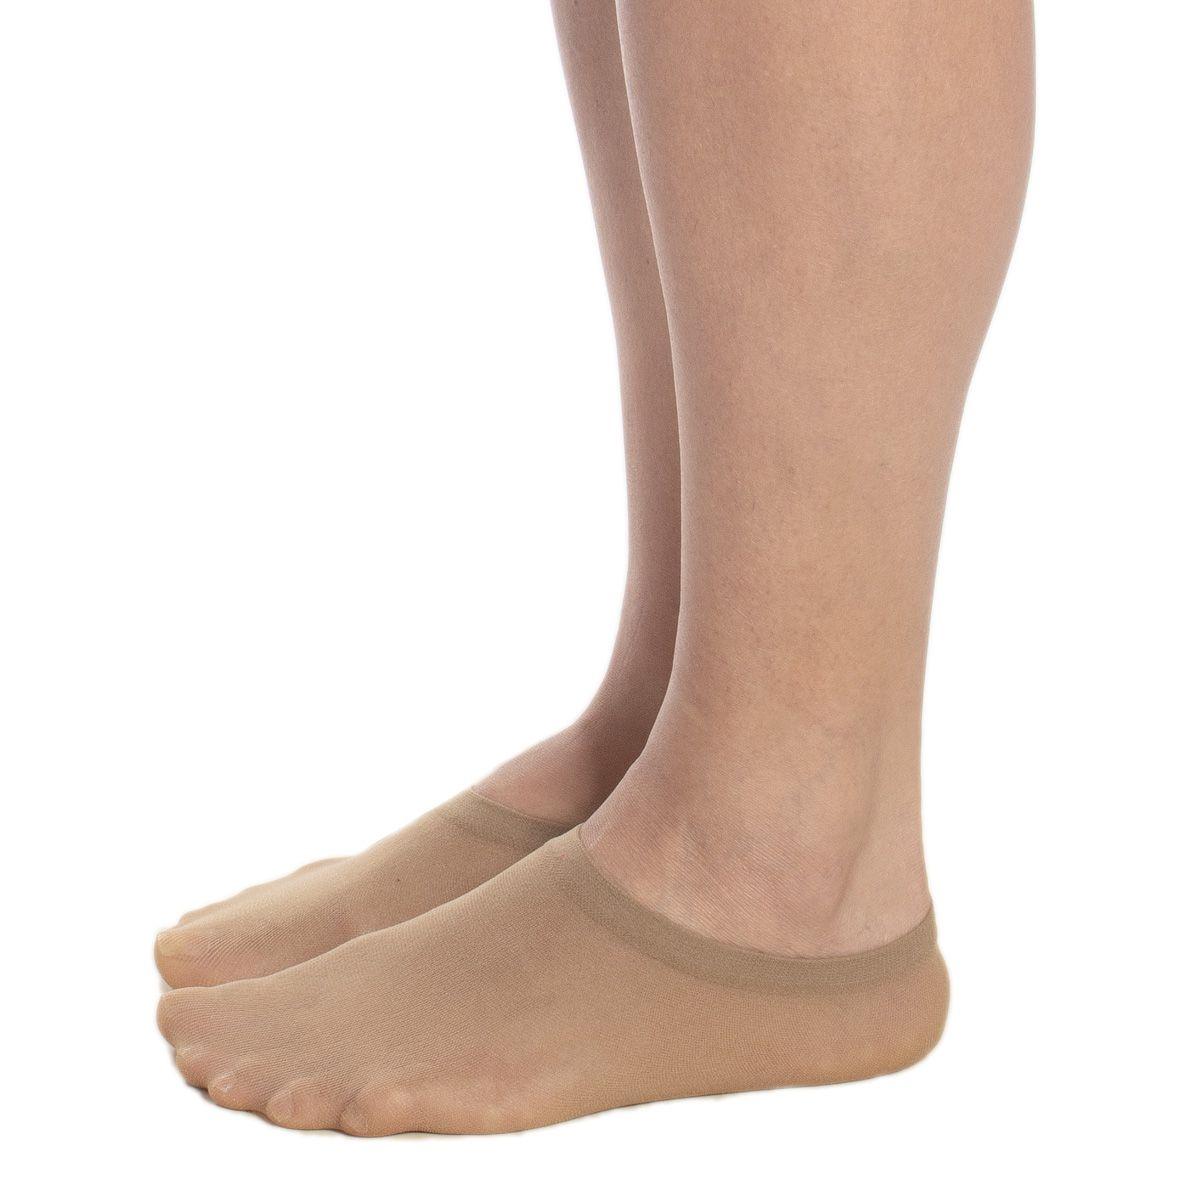 Kit com 2 pares de meias sapatilha Selene